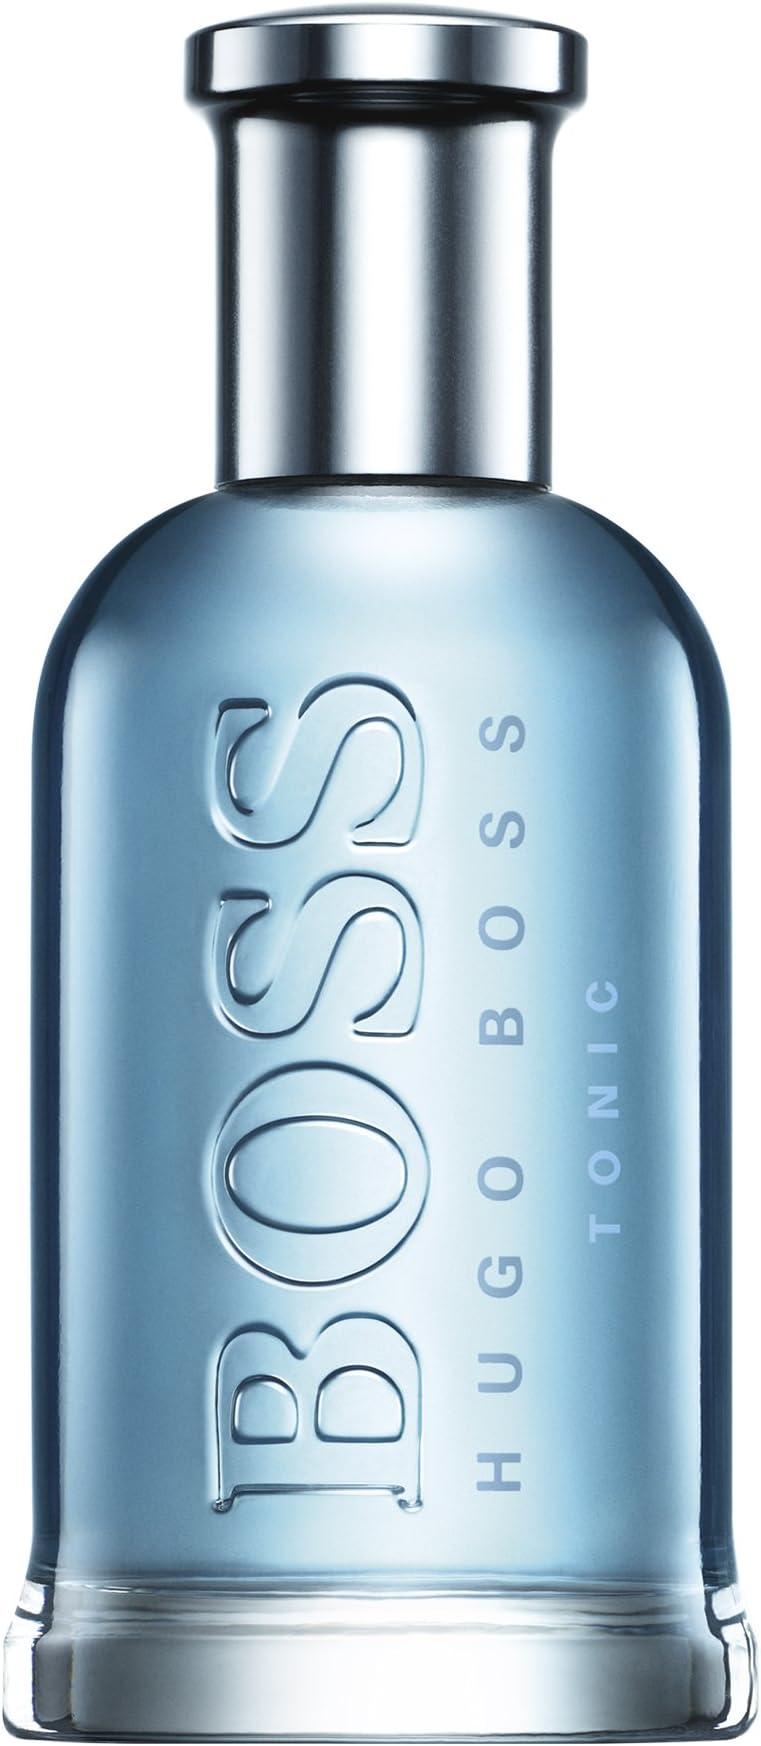 boss perfume 100ml price